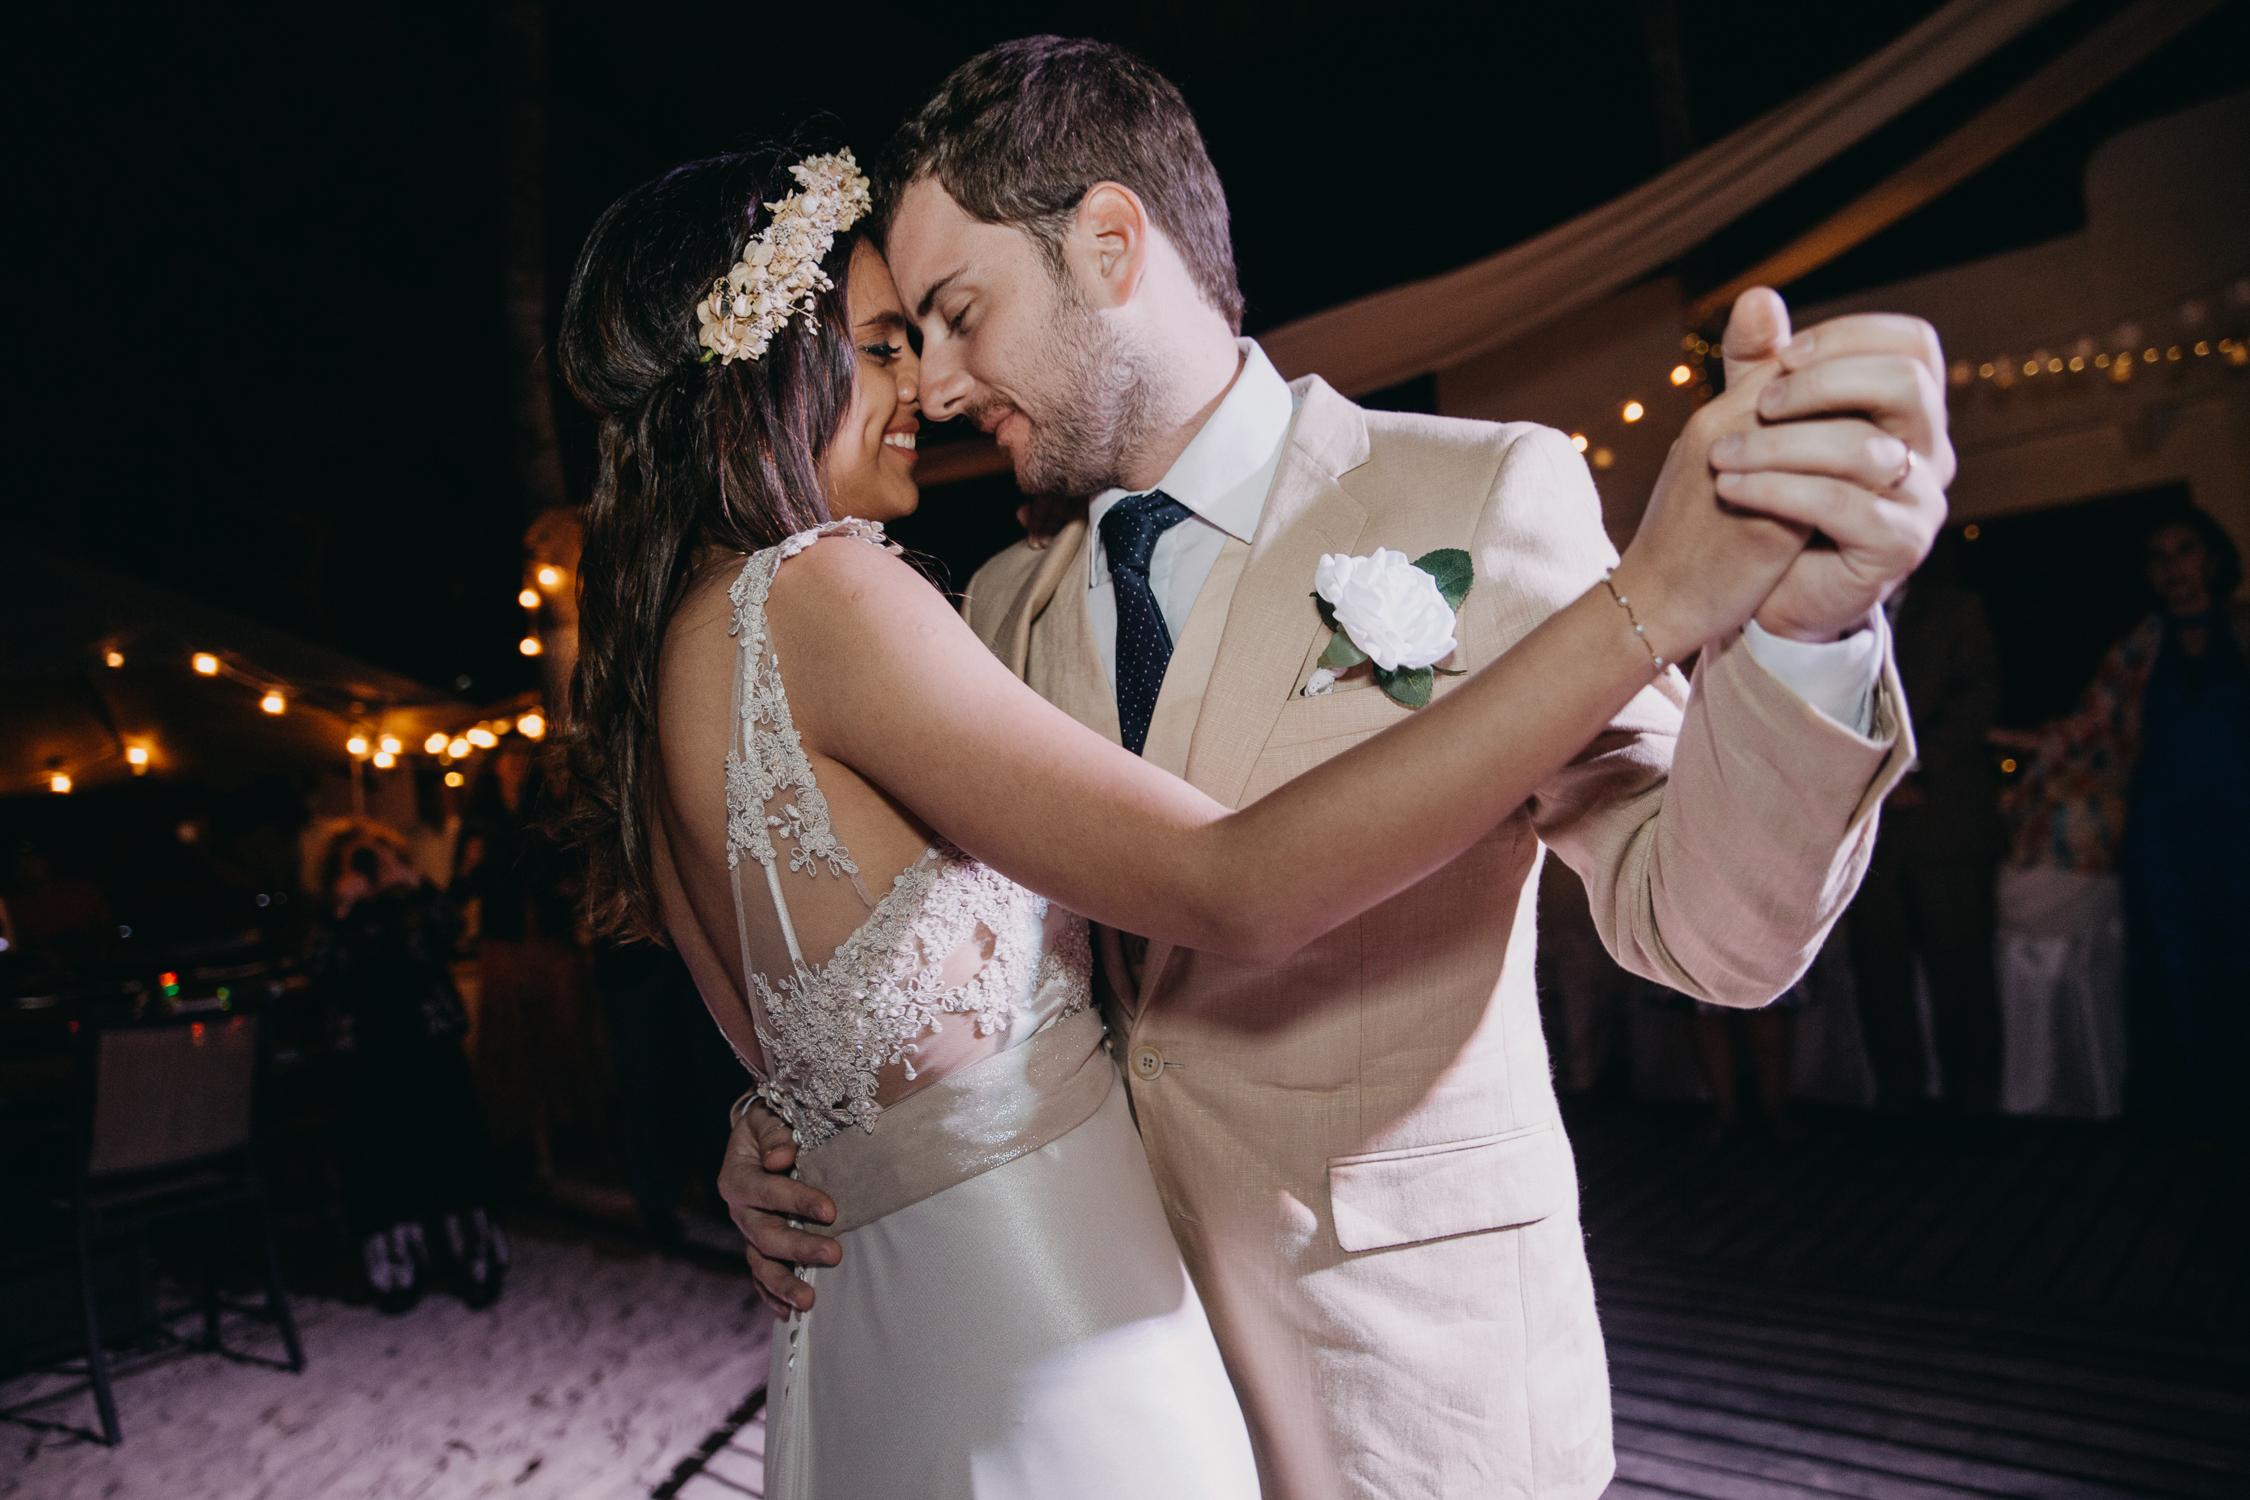 Michelle-Agurto-Fotografia-Bodas-Ecuador-Destination-Wedding-Photographer-Galapagos-Andrea-Joaquin-345.JPG